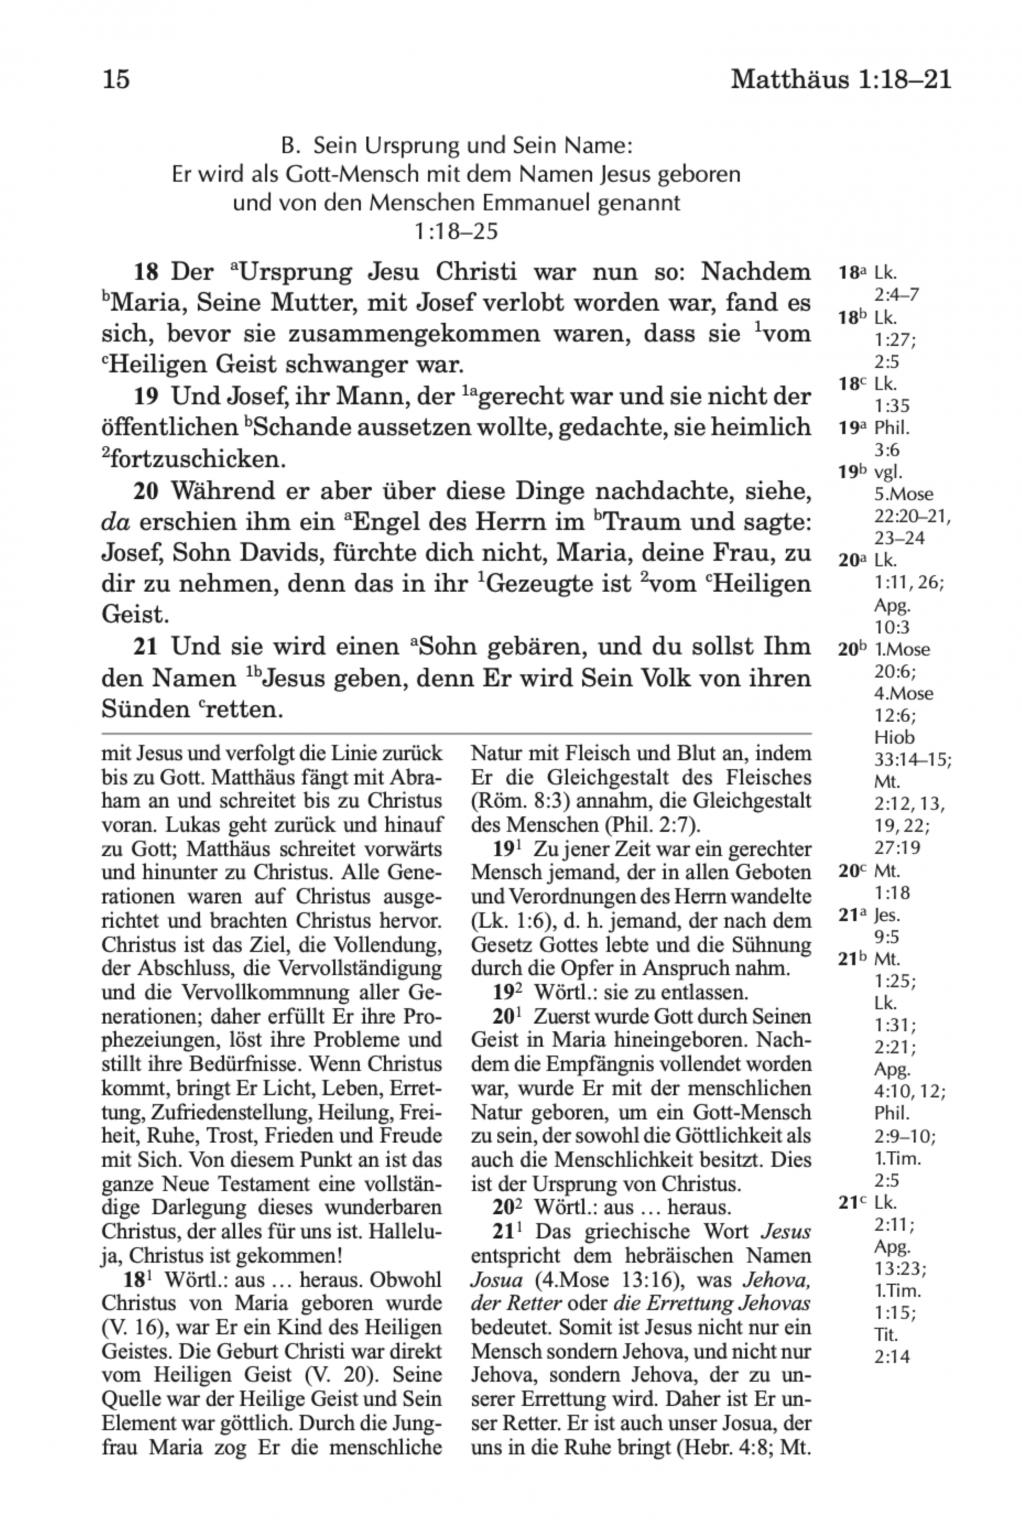 RvB page 15